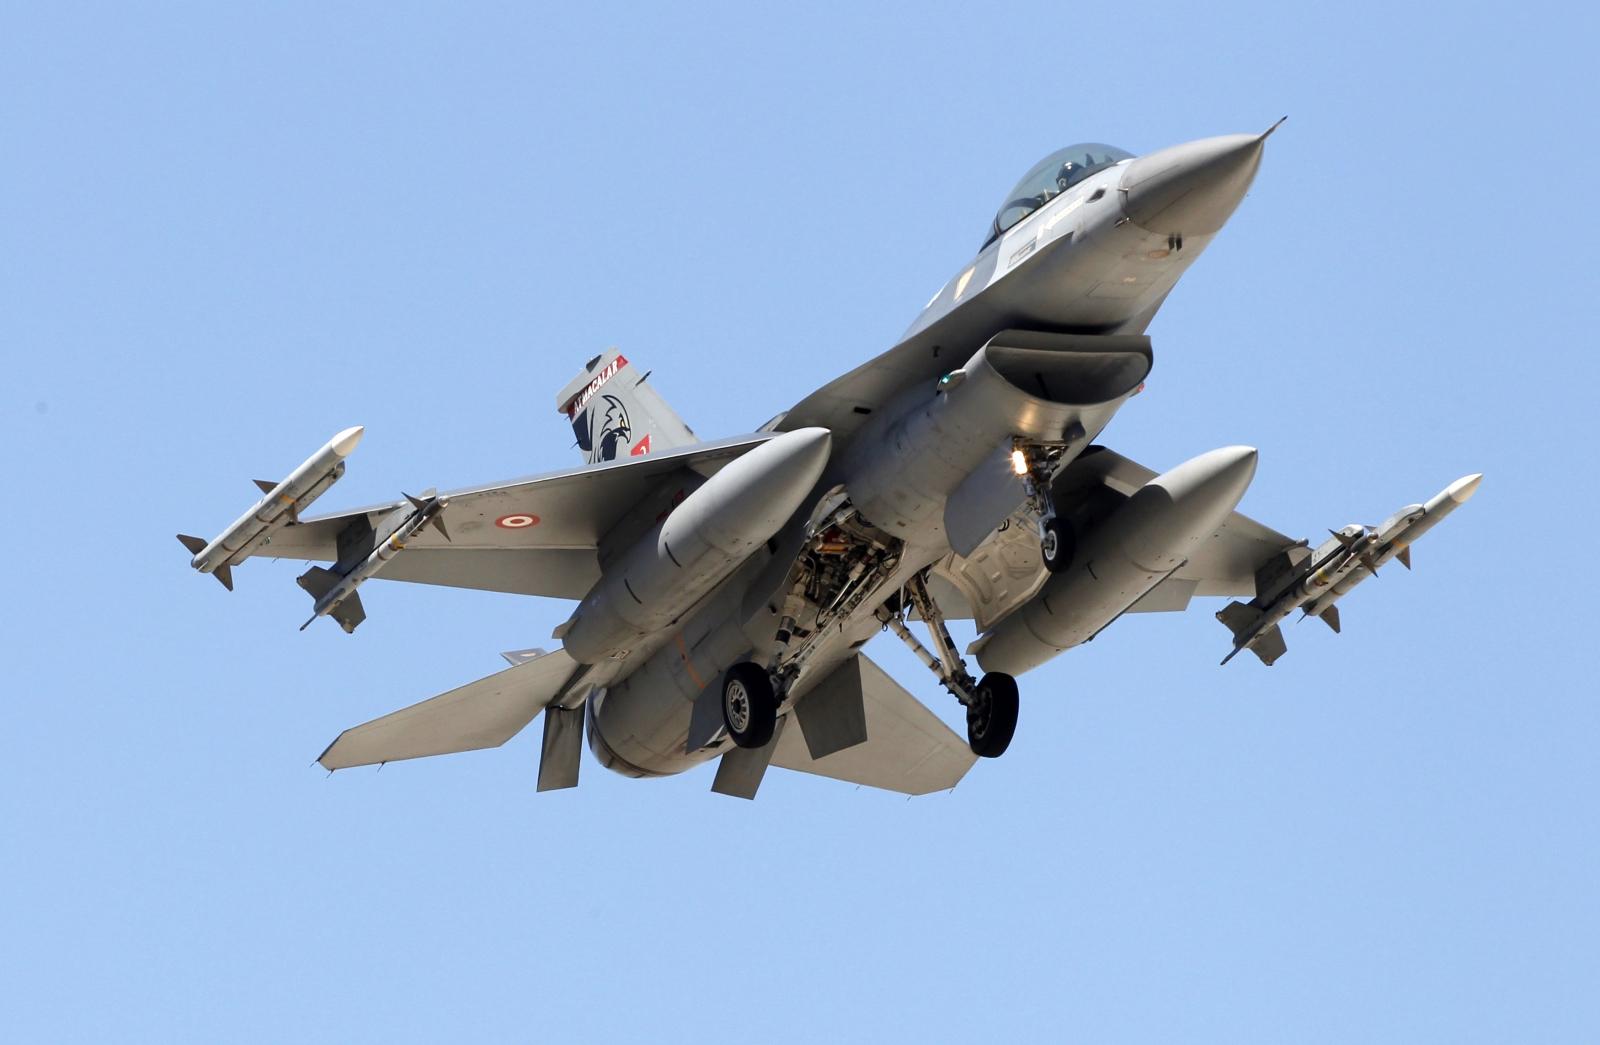 Turkey air force F-16 jet